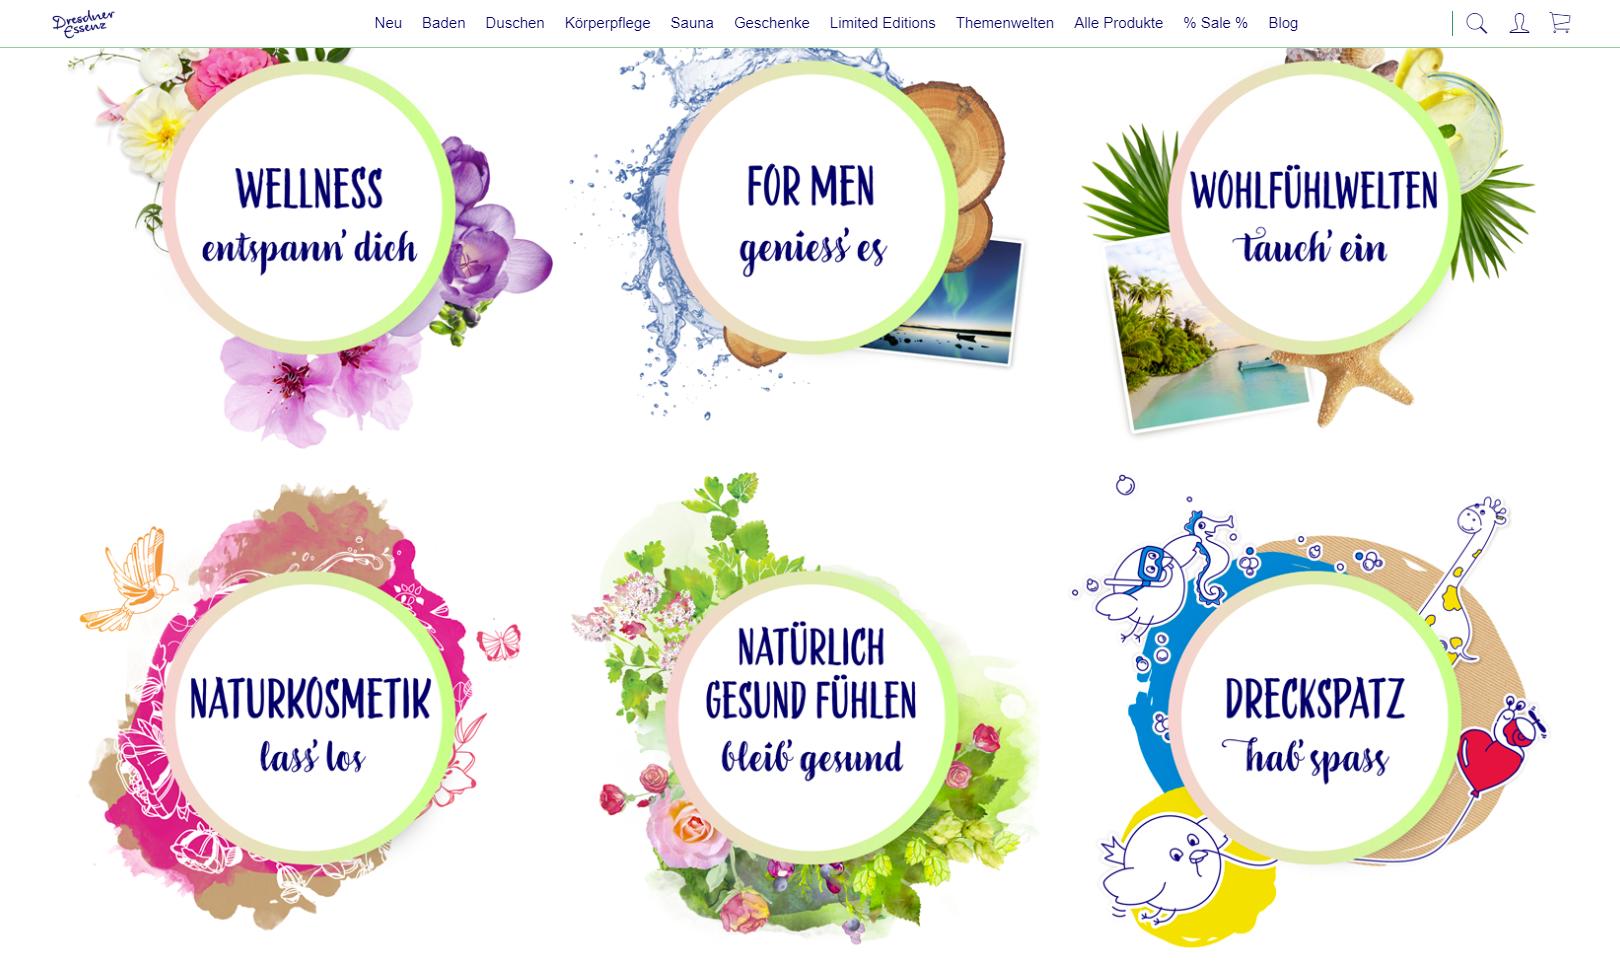 Onlineshop von Dresdner Essenz auf Basis von Shopware